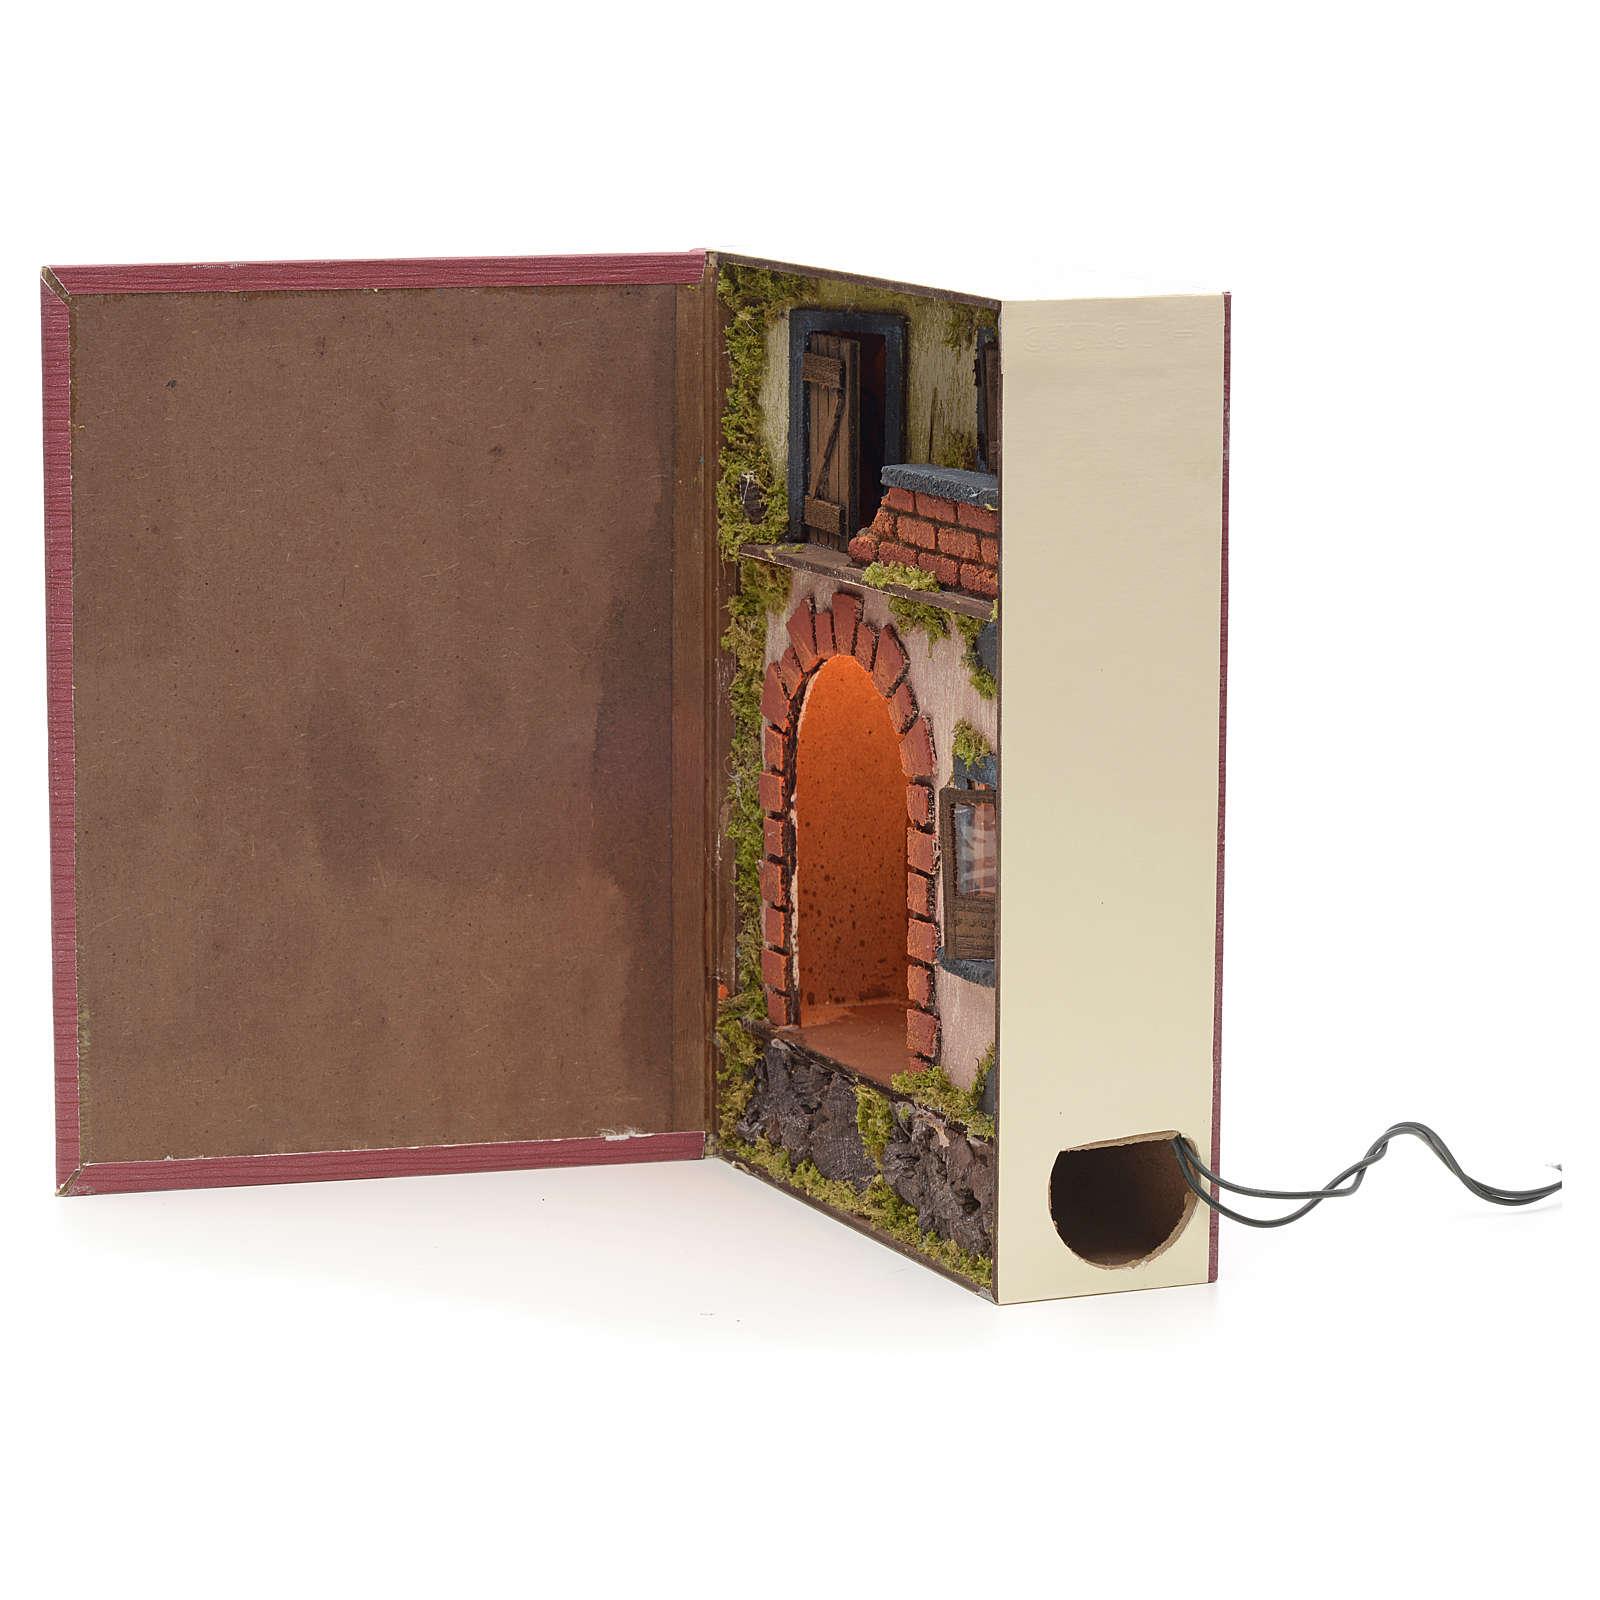 Borgo illuminato con grotta rialzata in libro 30x24x8 cm 4